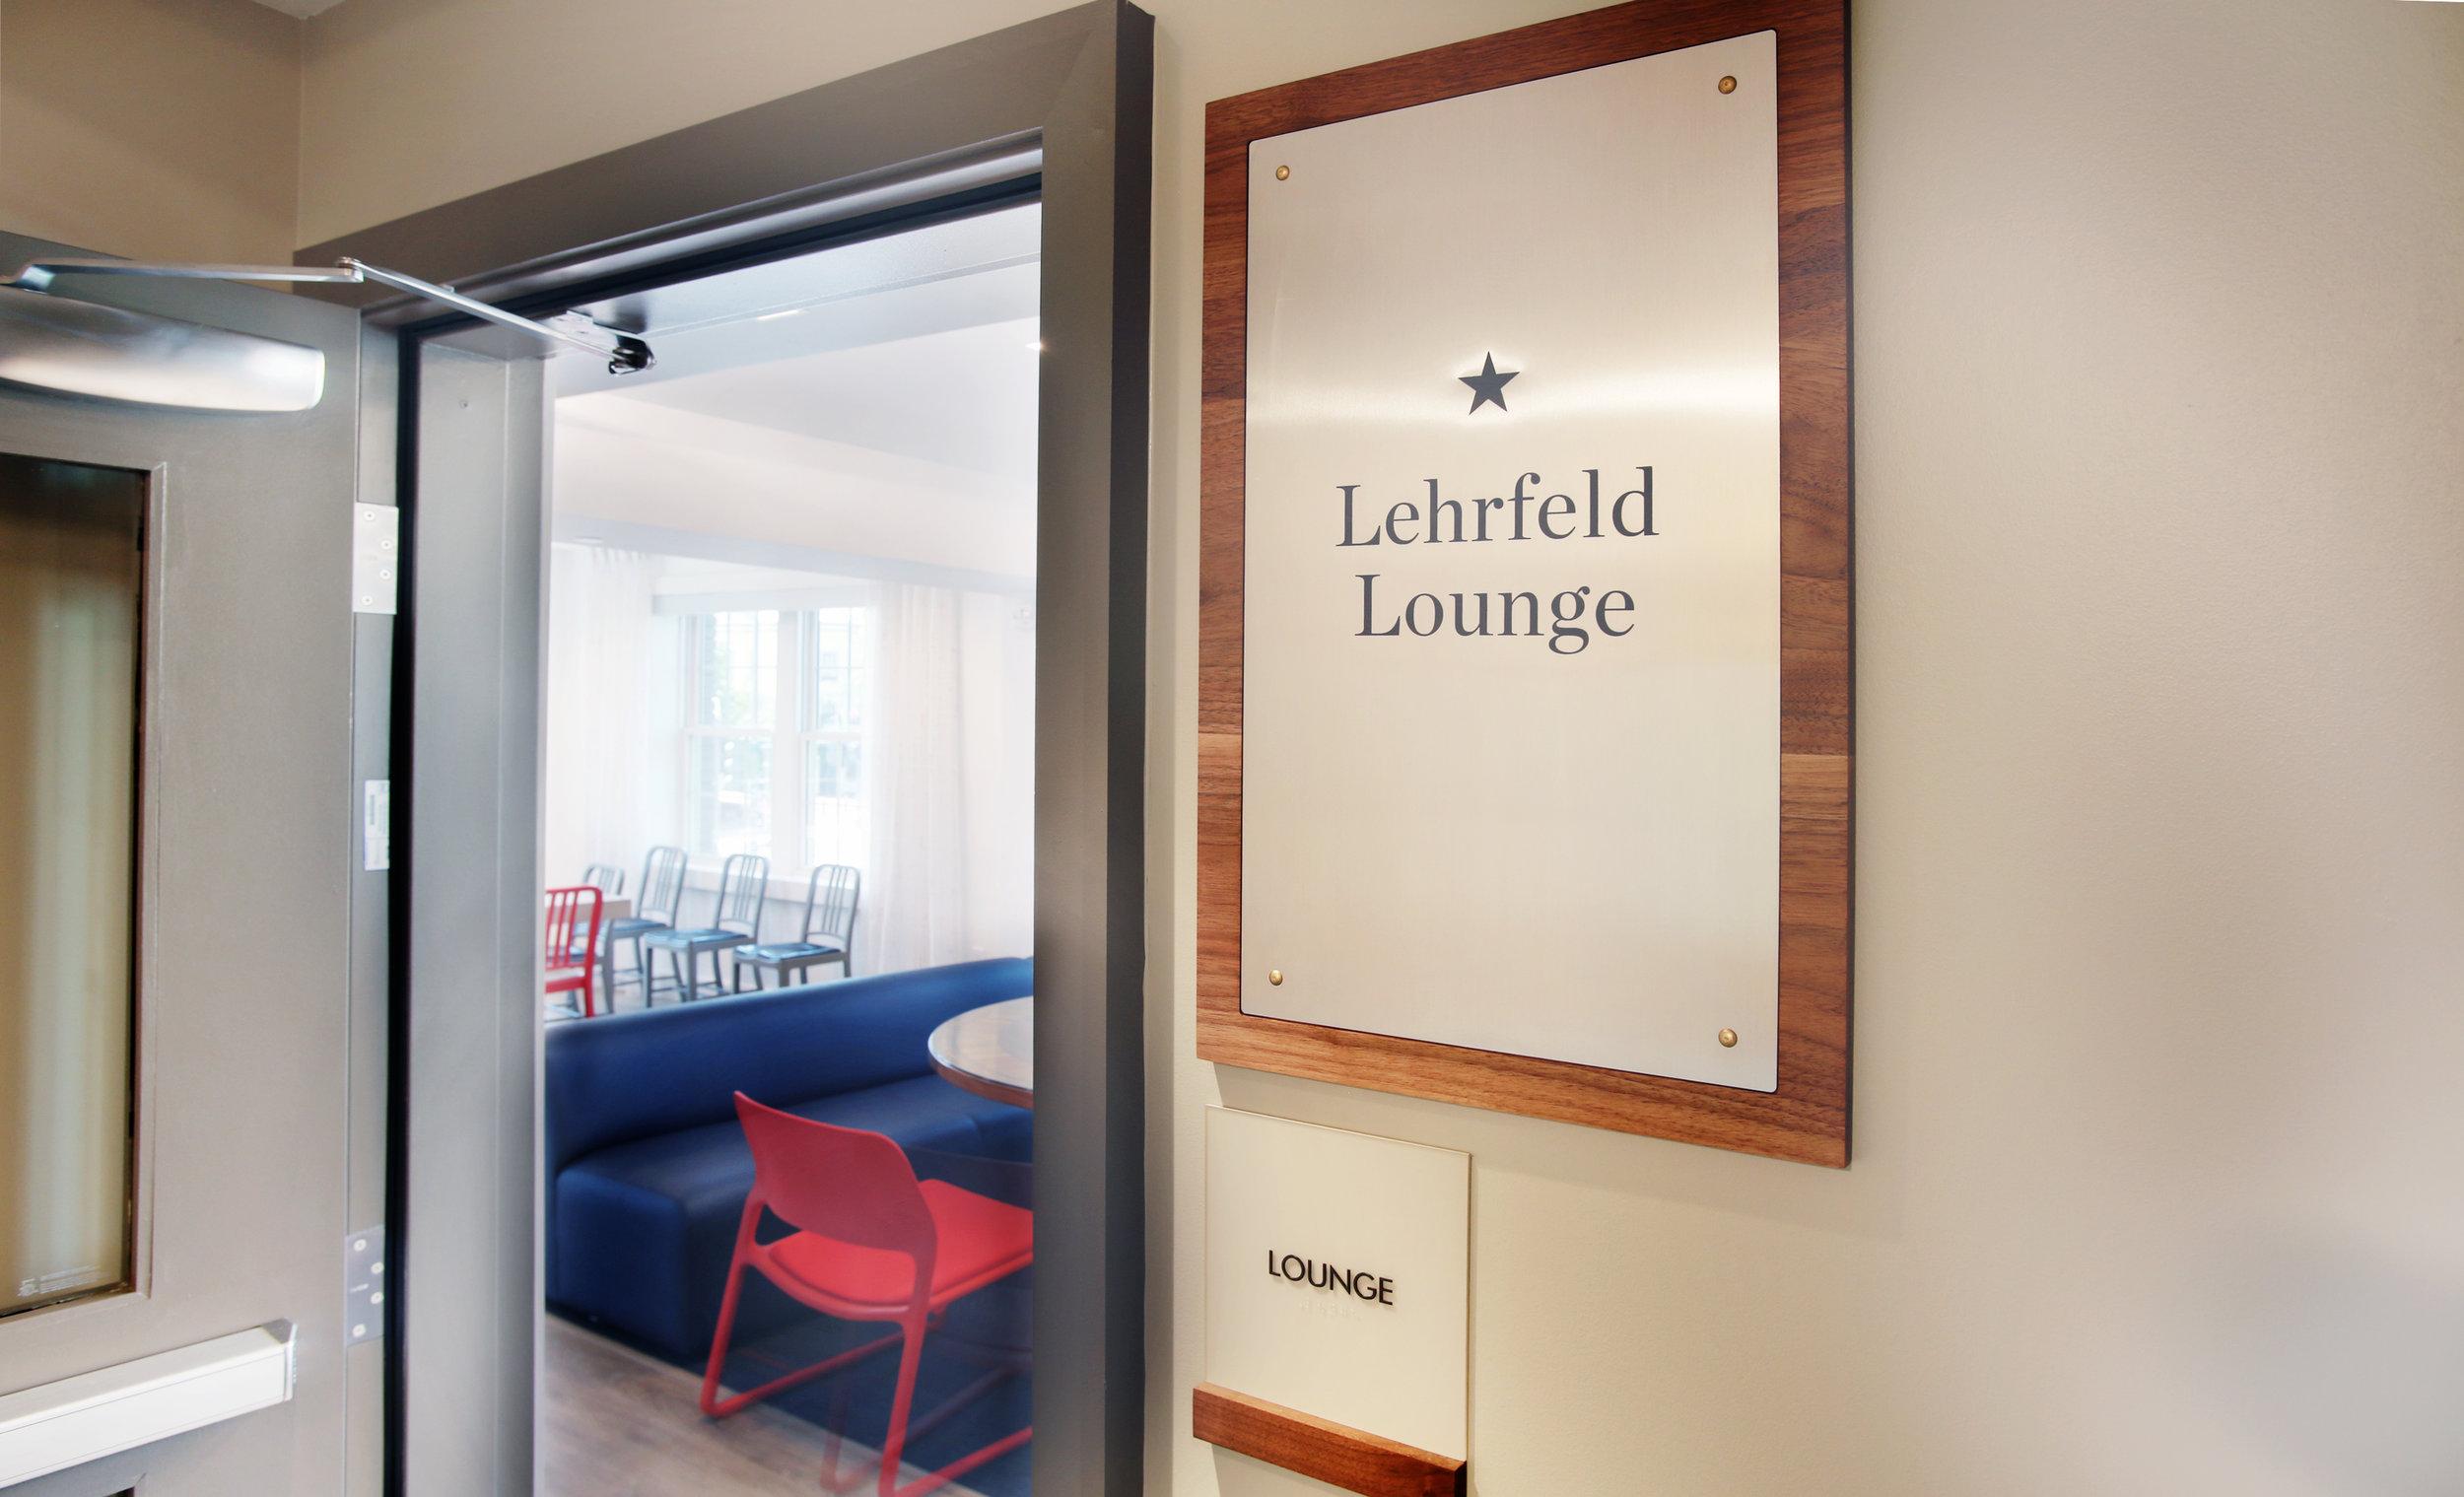 Lehrfeld Lounge 1.jpg